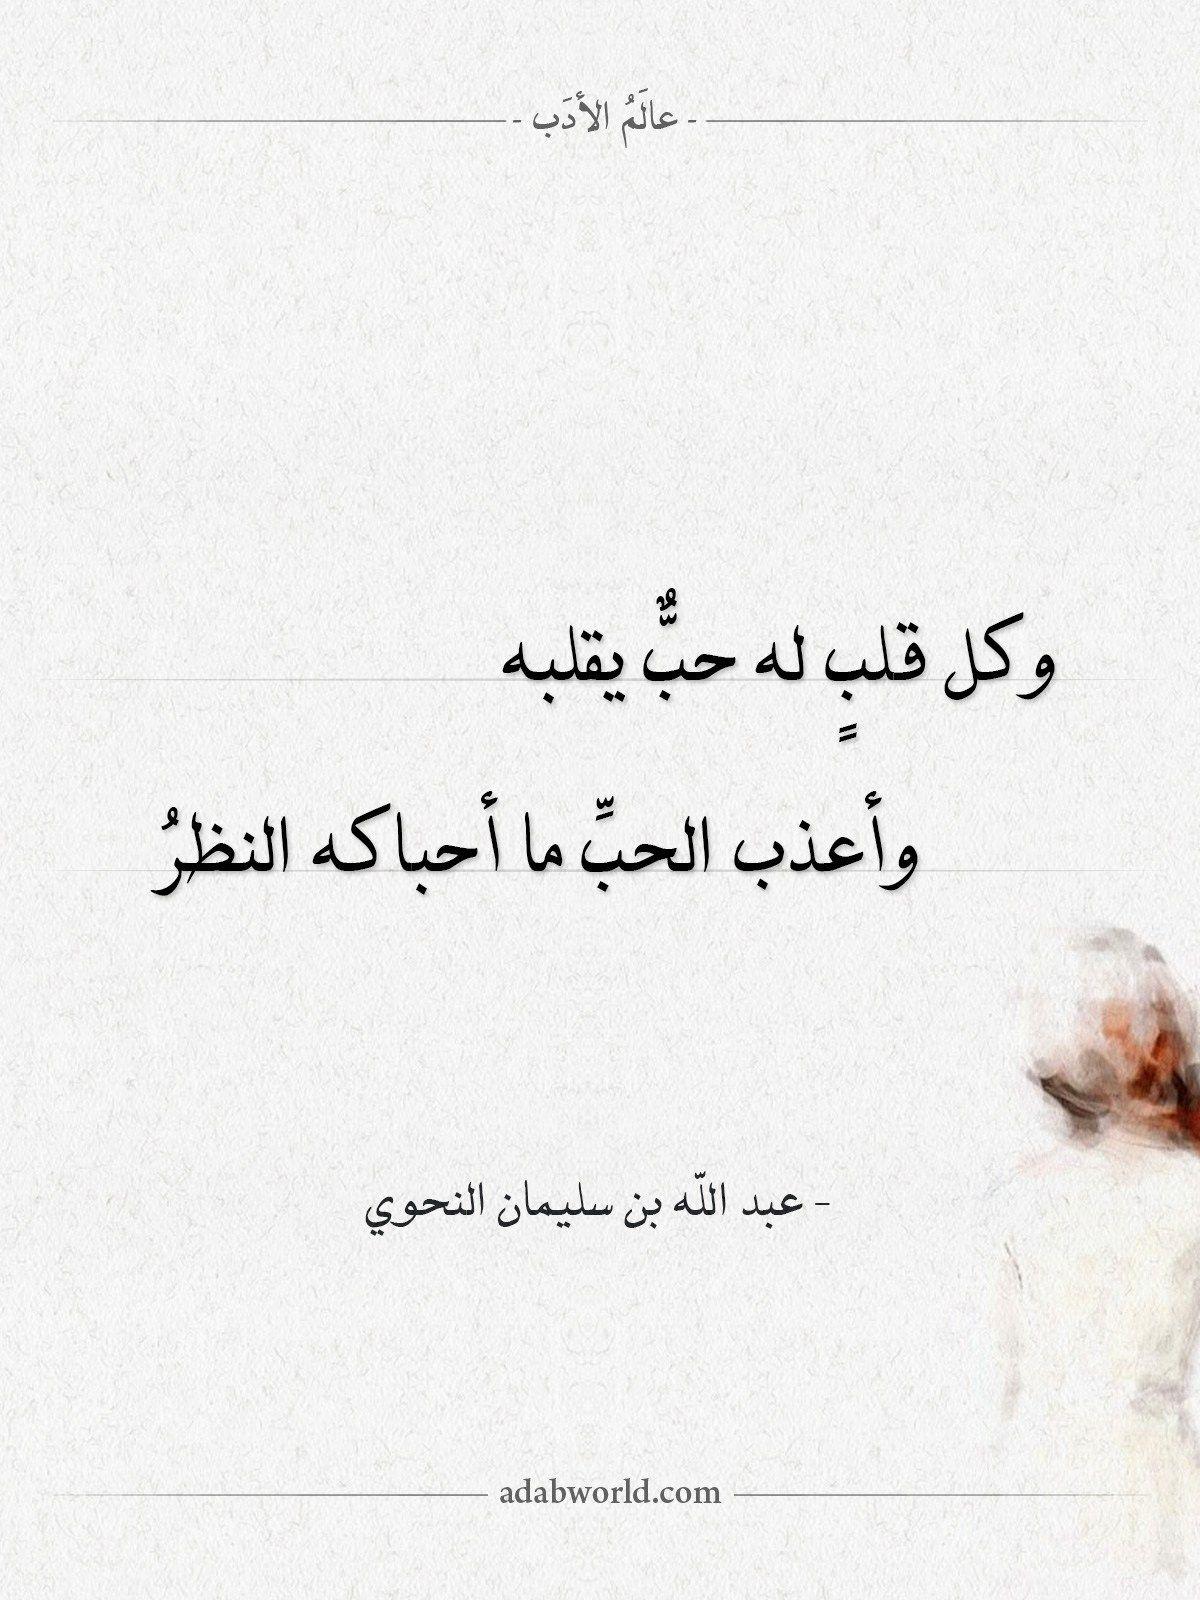 شعر عبد الله بن سليمان وكل قلب له حب يقلبه عالم الأدب In 2021 Ali Quotes Quotes Words